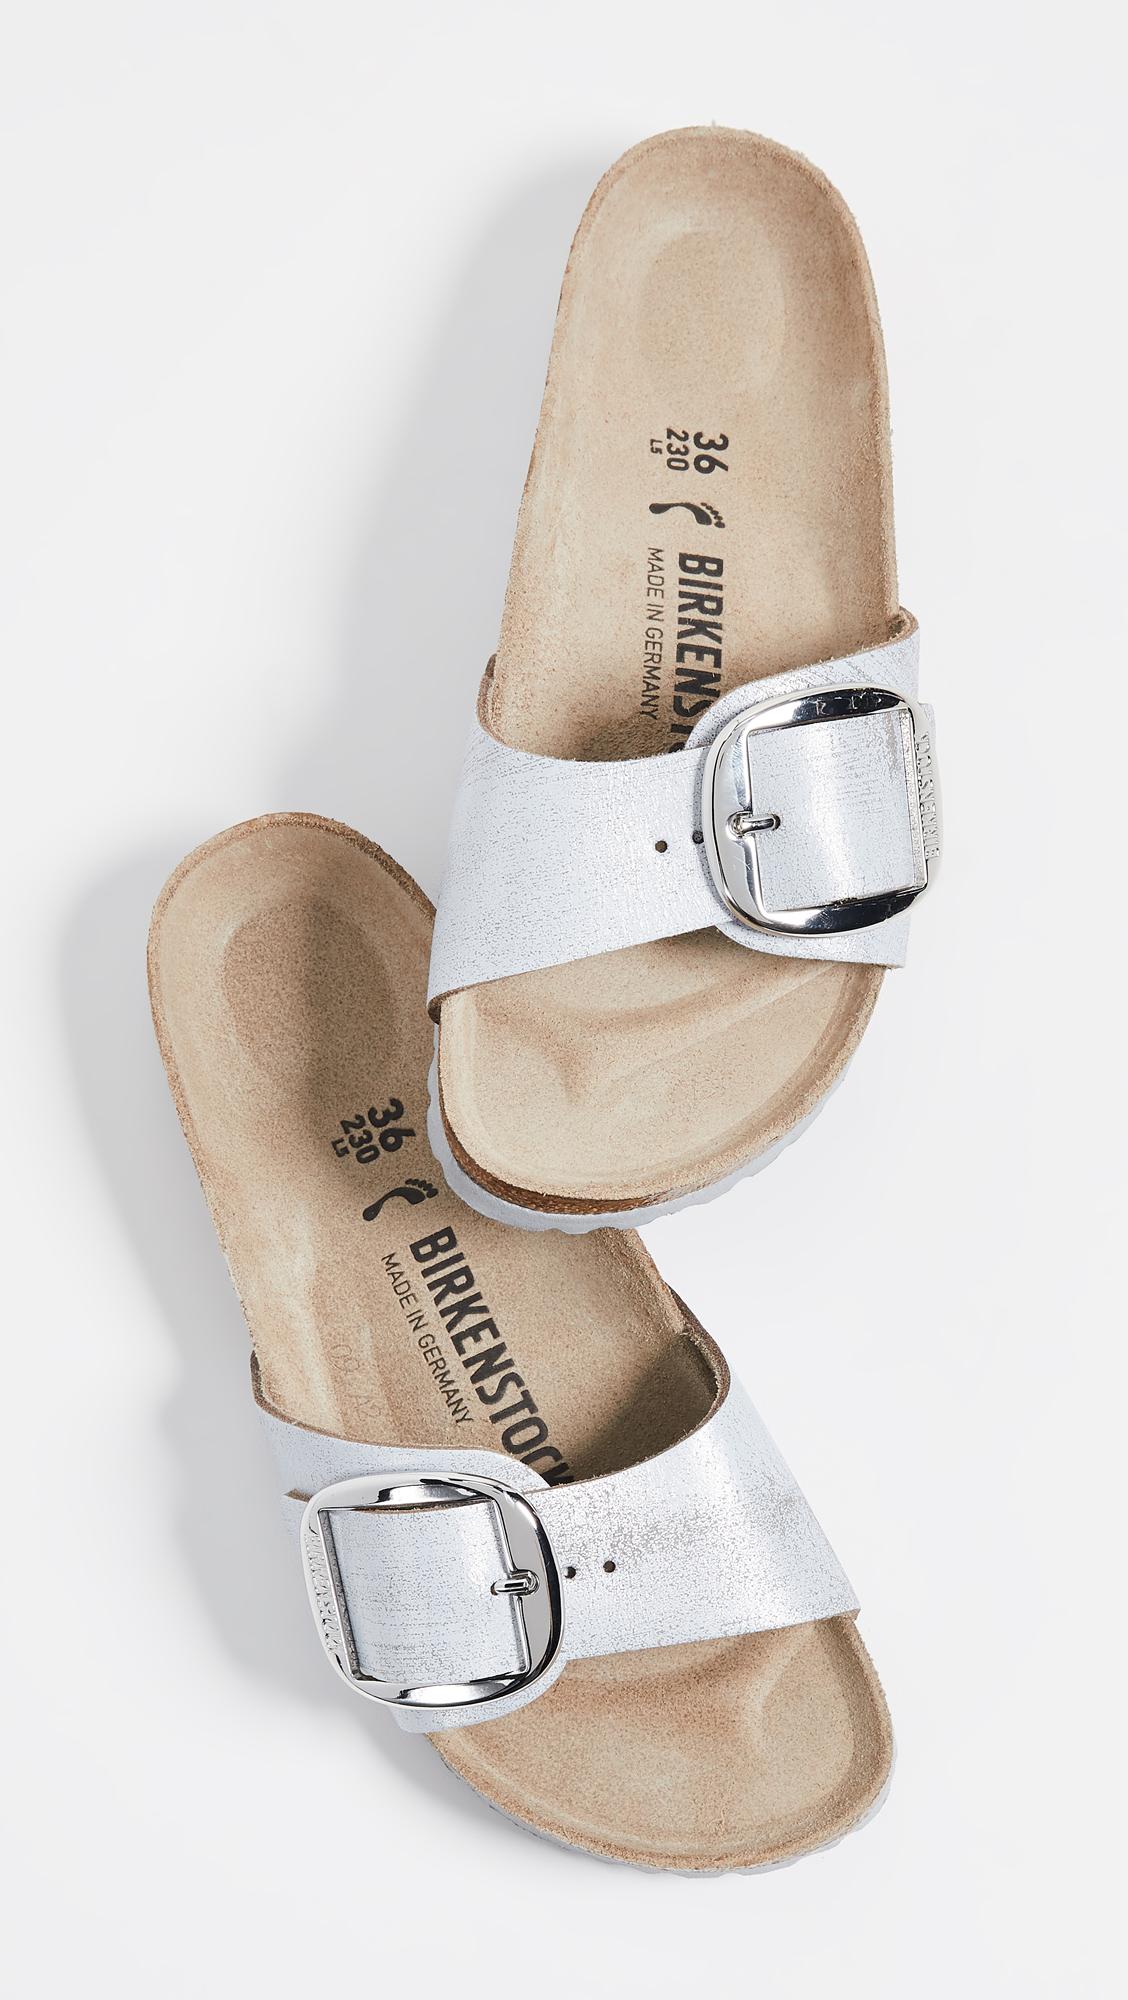 9b00aaab2131 Birkenstock Madrid Big Buckle Sandals - Narrow